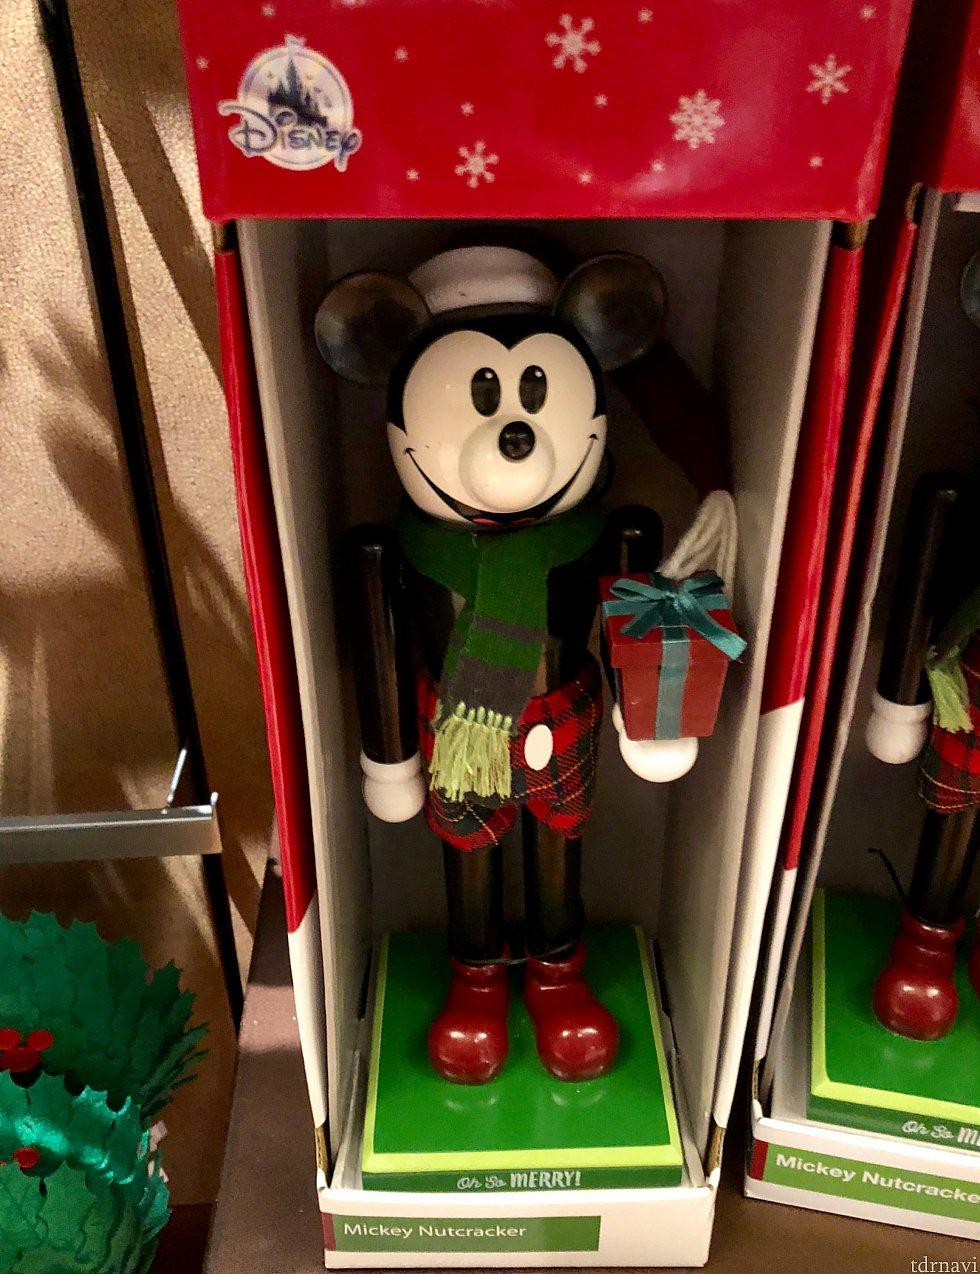 ミッキーのくるみ割り人形。ミニーもあるようです。$54.99